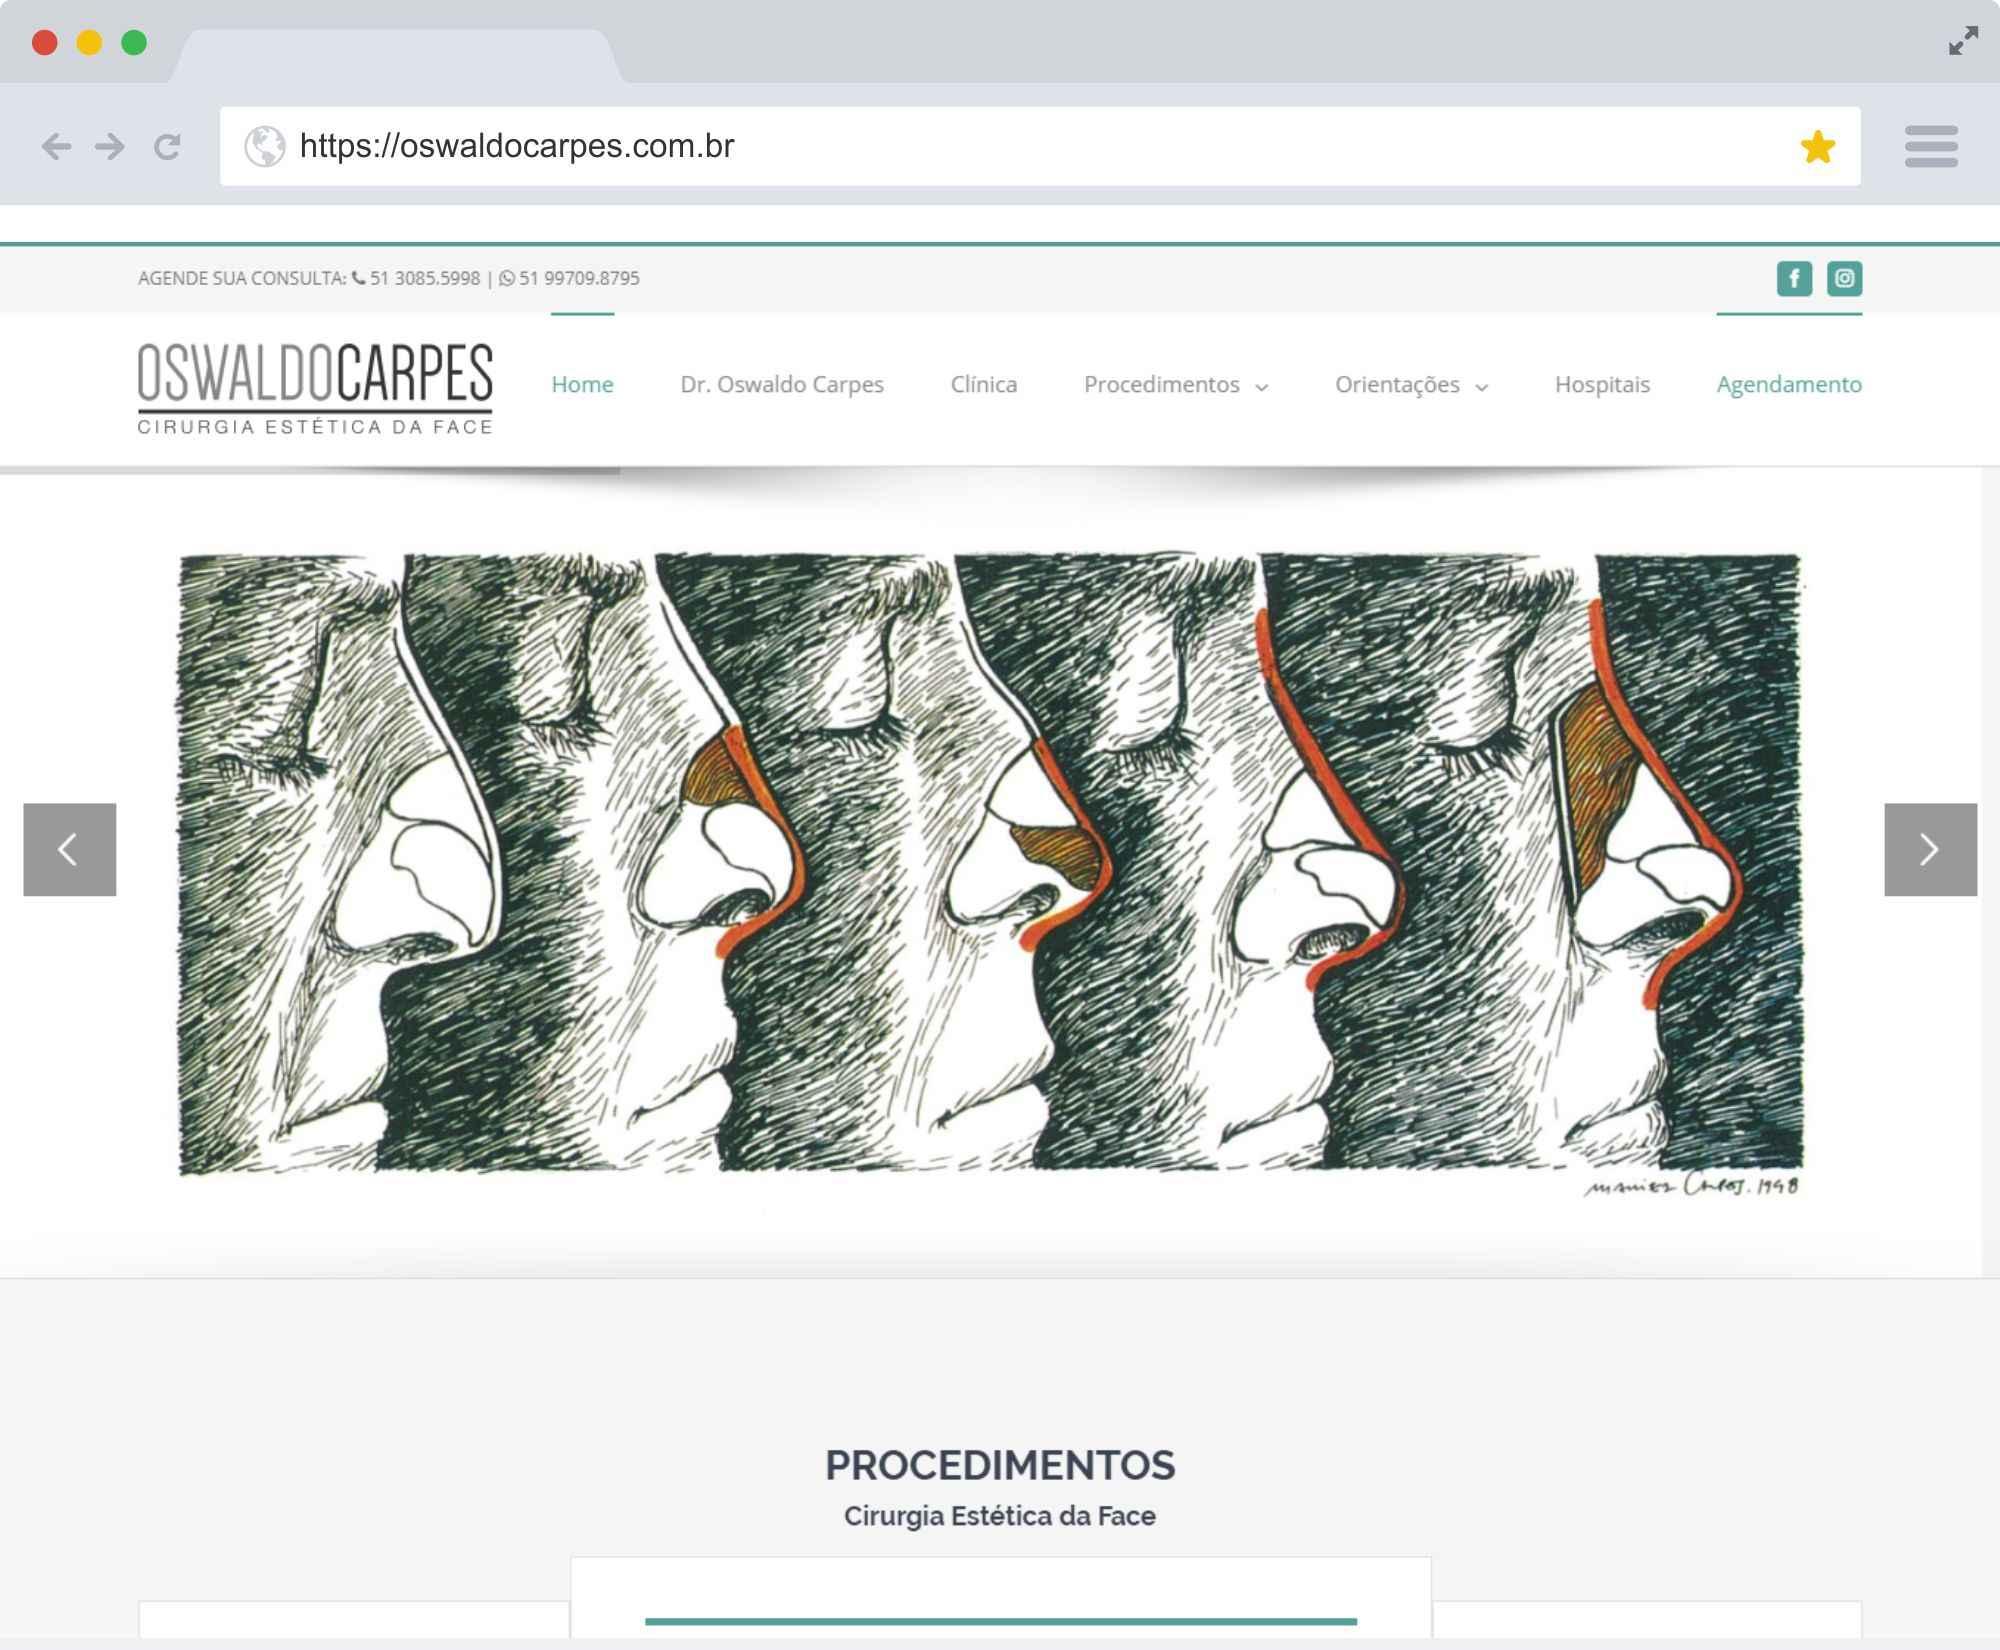 oswaldocarpes.com.br